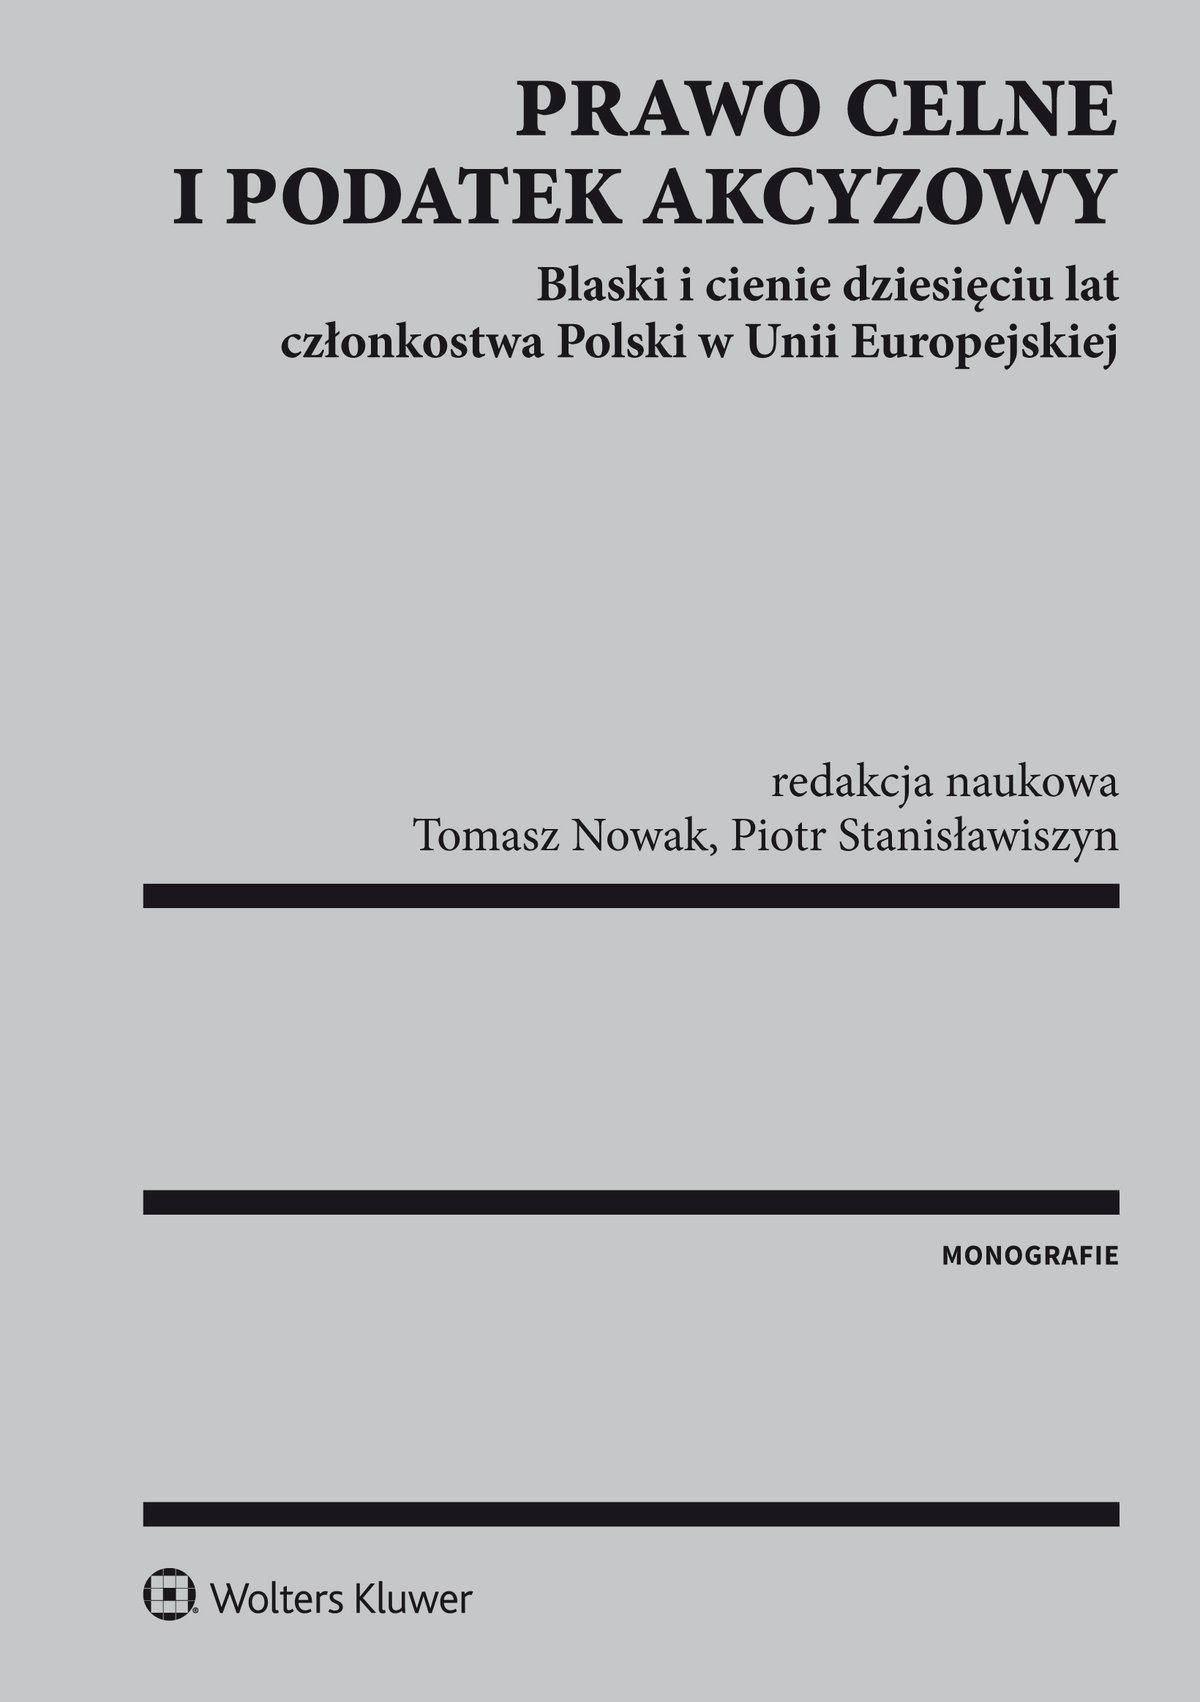 Prawo celne i podatek akcyzowy. Blaski i cienie dziesięciu lat członkostwa Polski w Unii Europejskiej - Ebook (Książka EPUB) do pobrania w formacie EPUB